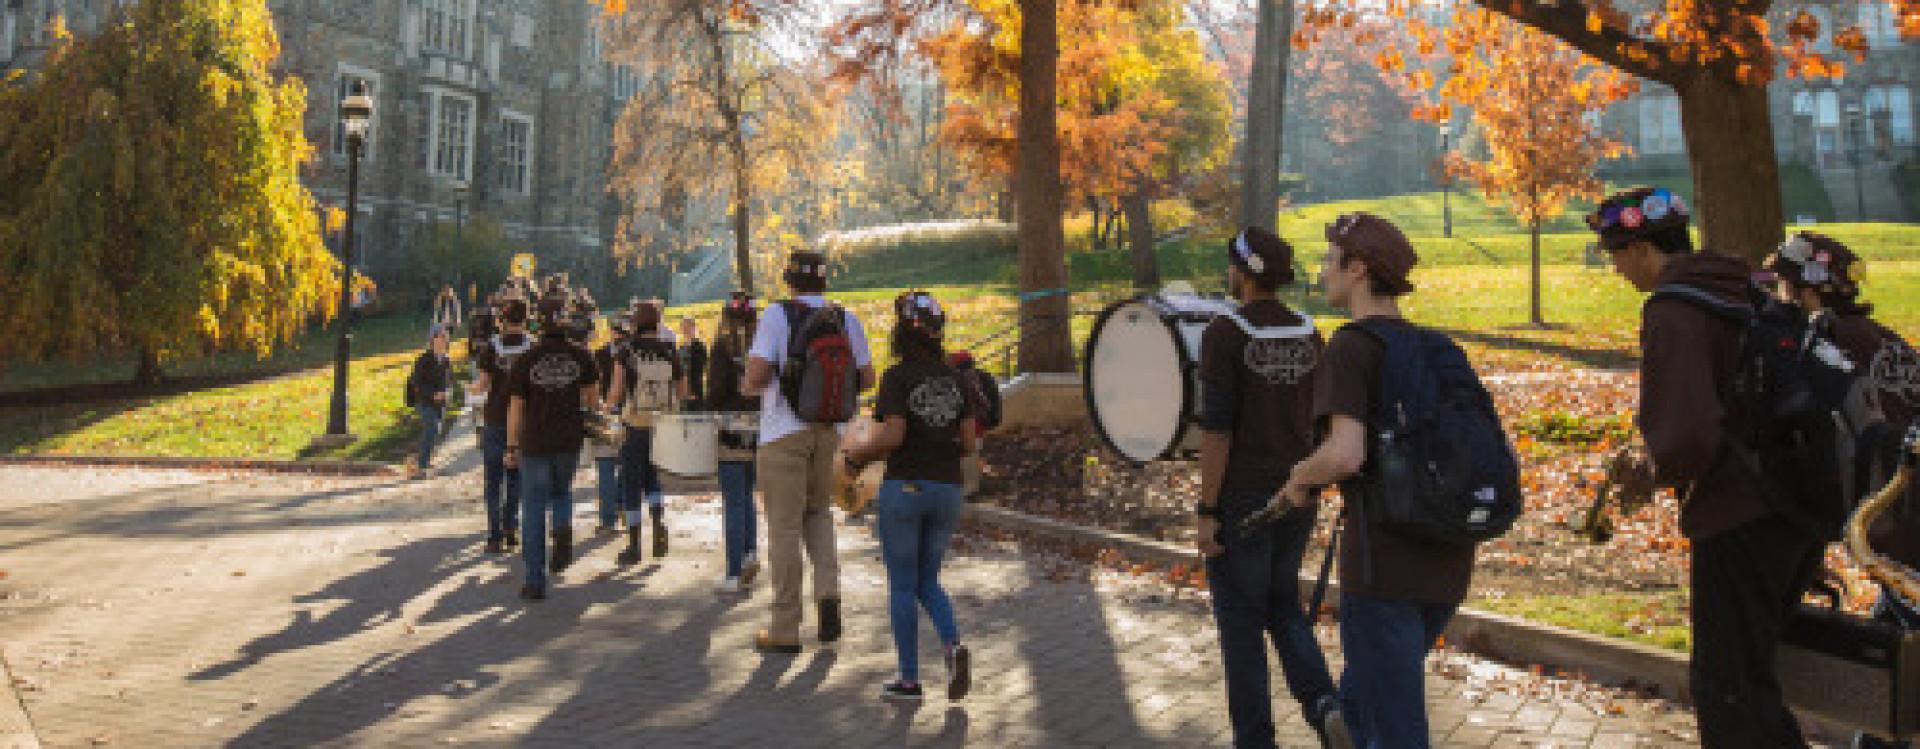 LU 97 Marching Band